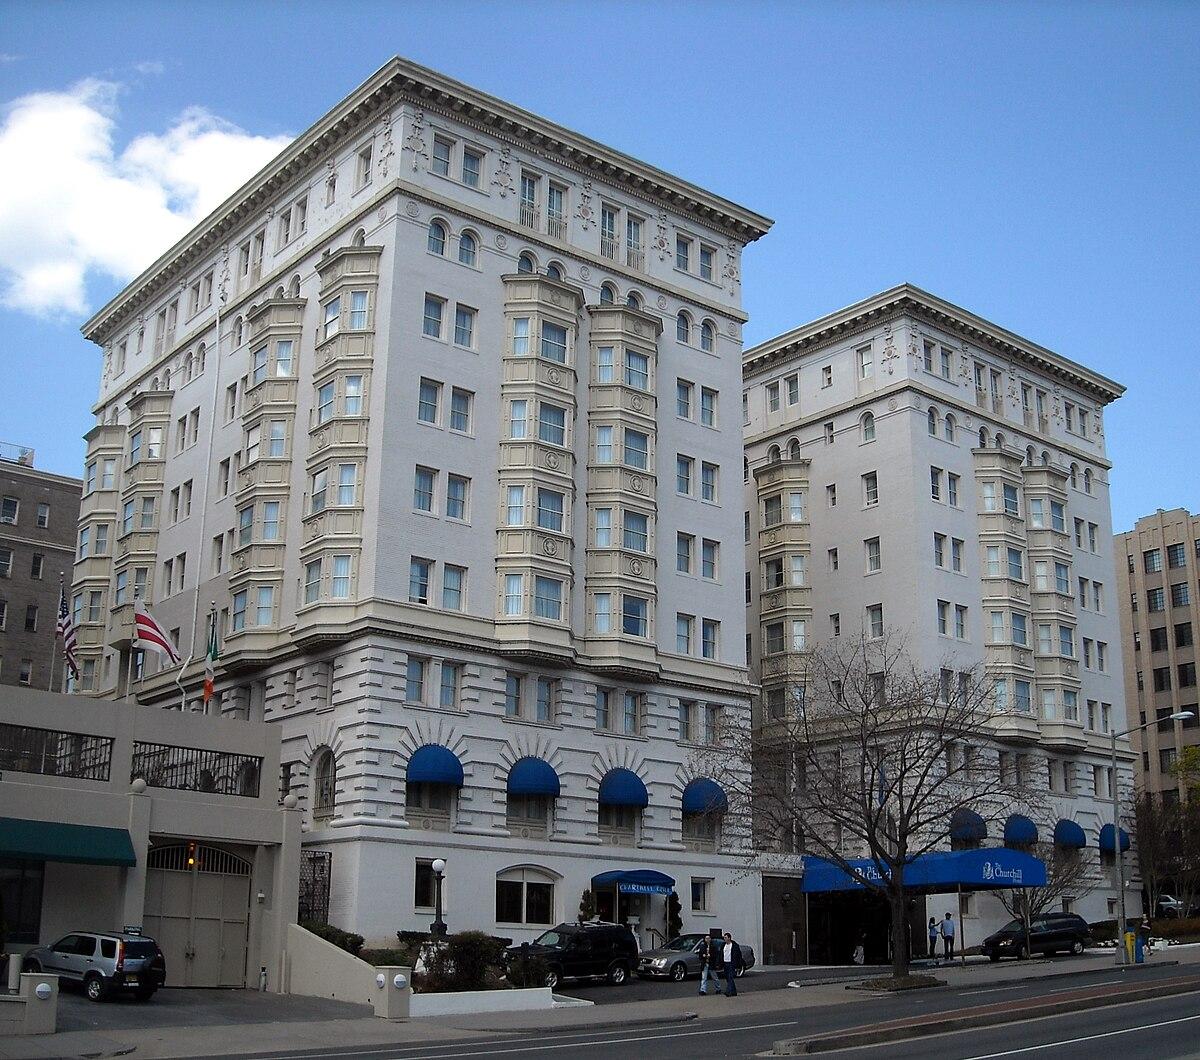 Churchill Hotel Near Embaby Row Washington